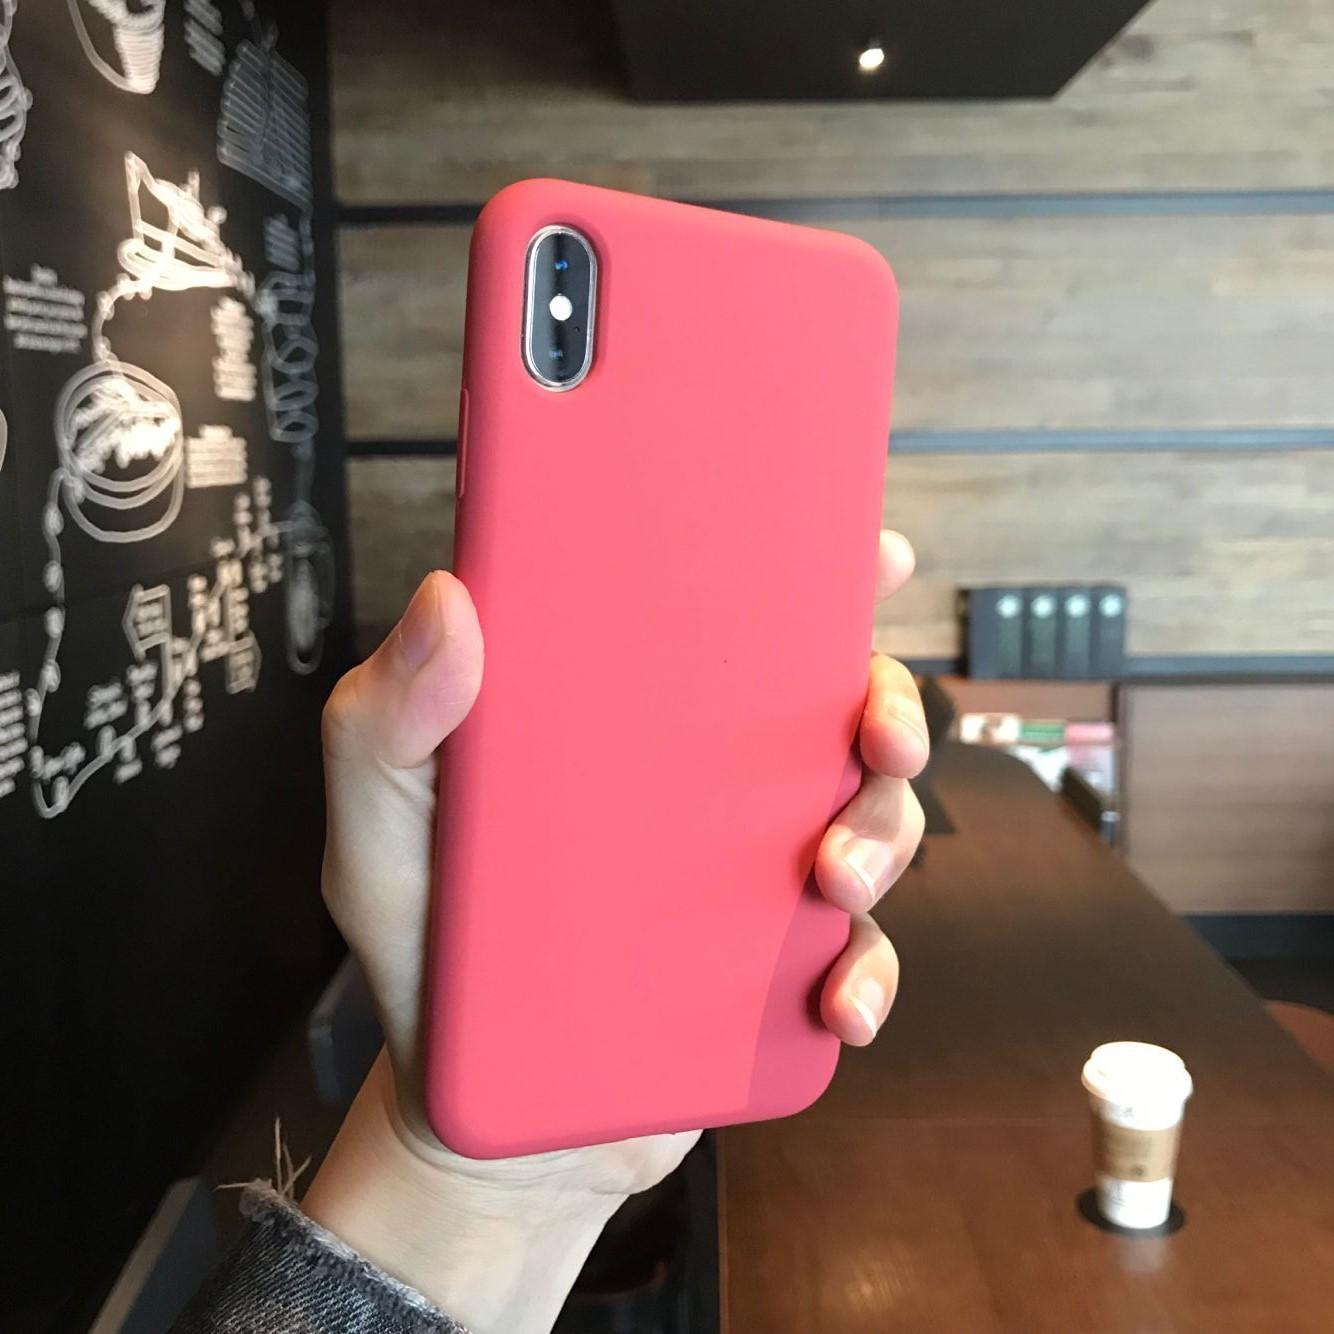 全包液态硅胶苹果山茶红xr手机壳(非品牌)